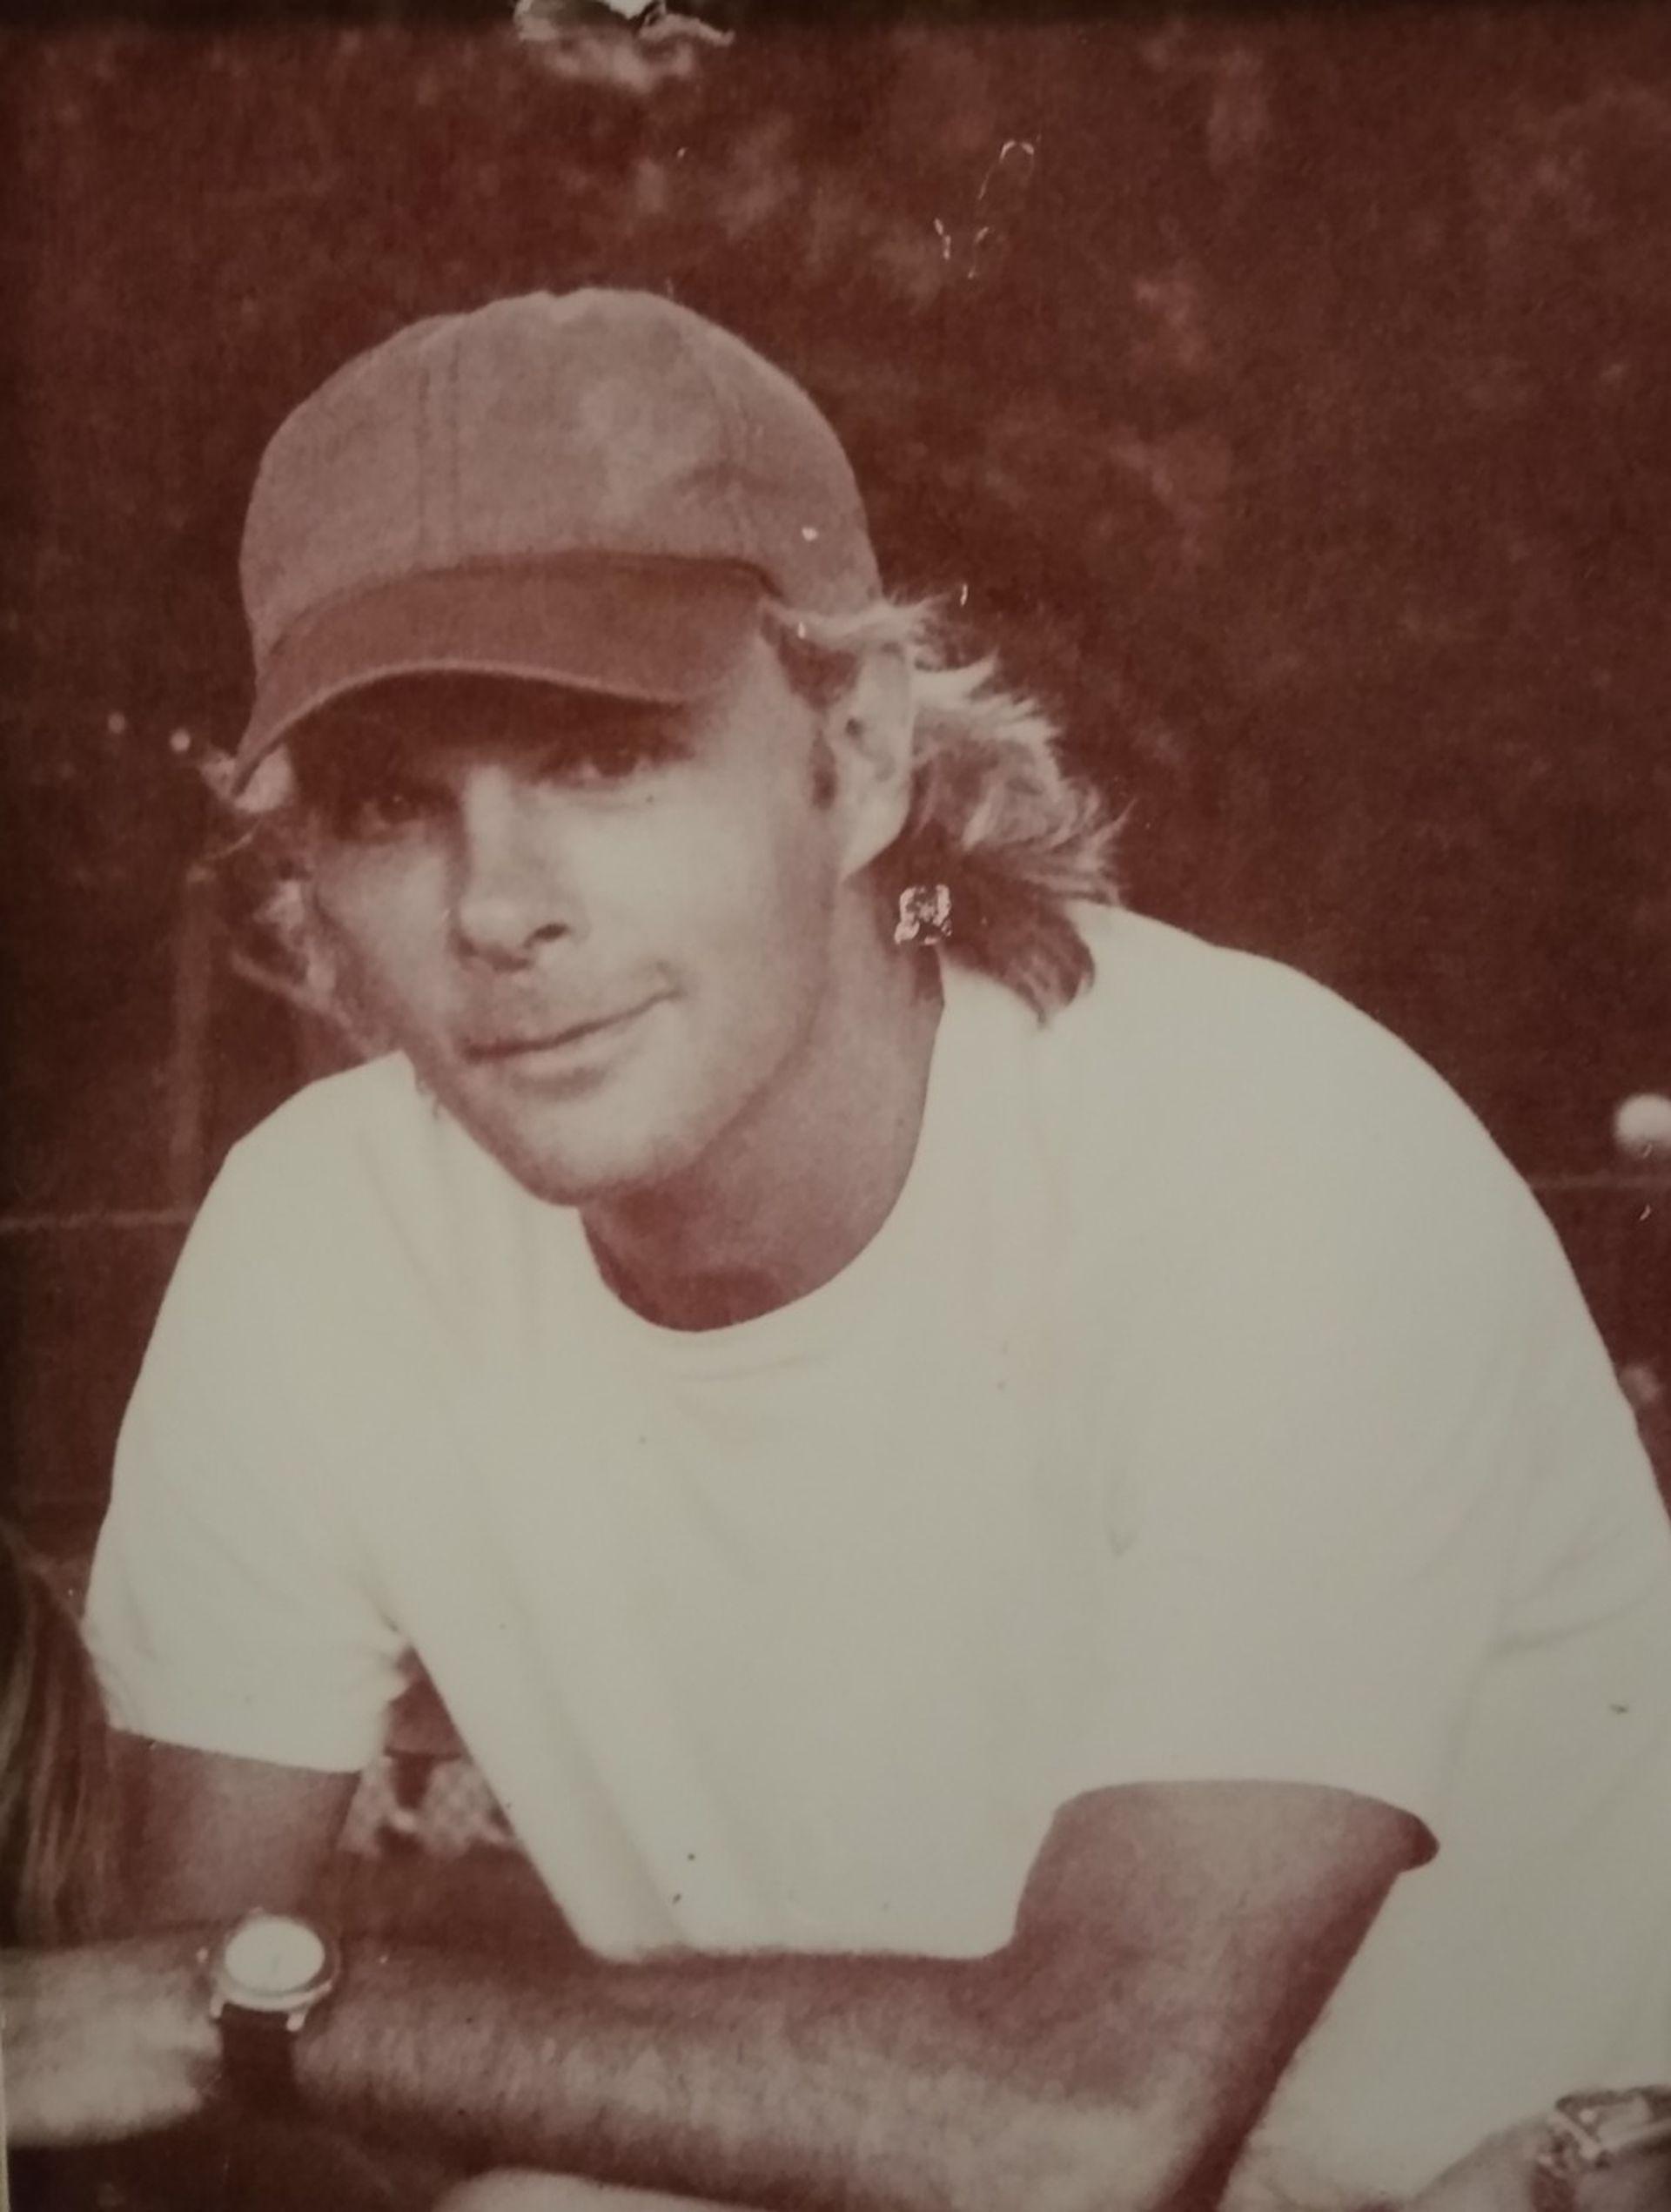 Pedro Grehan en el Central Park de Nueva York, el domingo 9 de septiembre de 2001; el argentino tenía 35 años cuando murió, en el atentado del 11-S (Gentileza: familia Grehan)